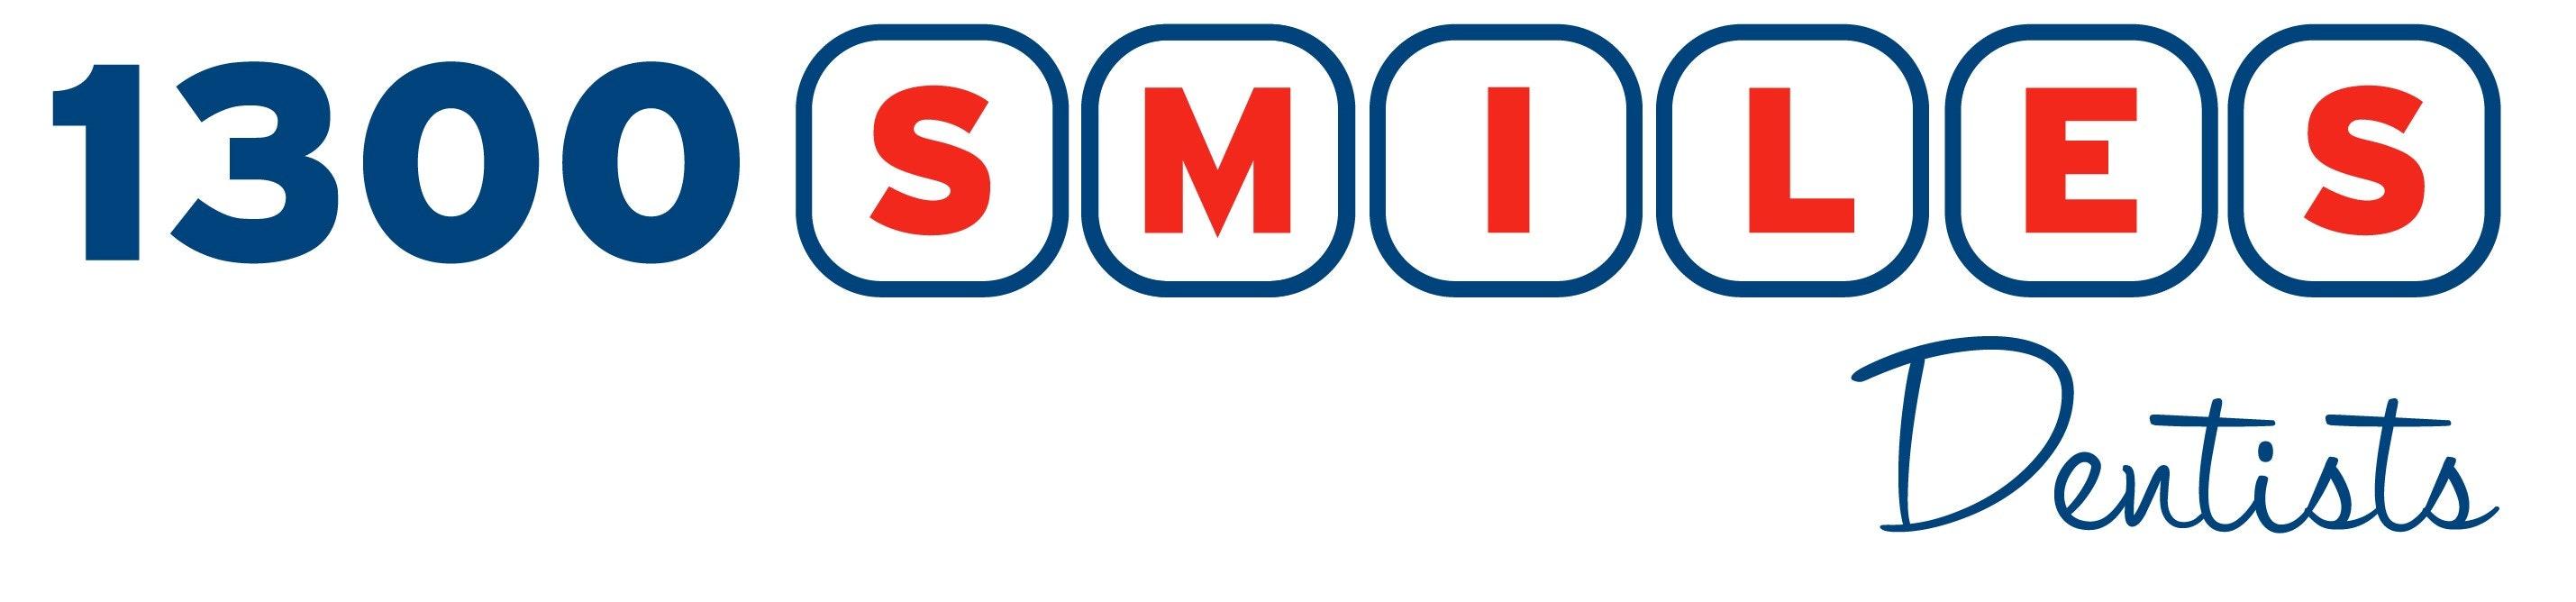 logo for 1300 Smiles - Caloundra Dentists